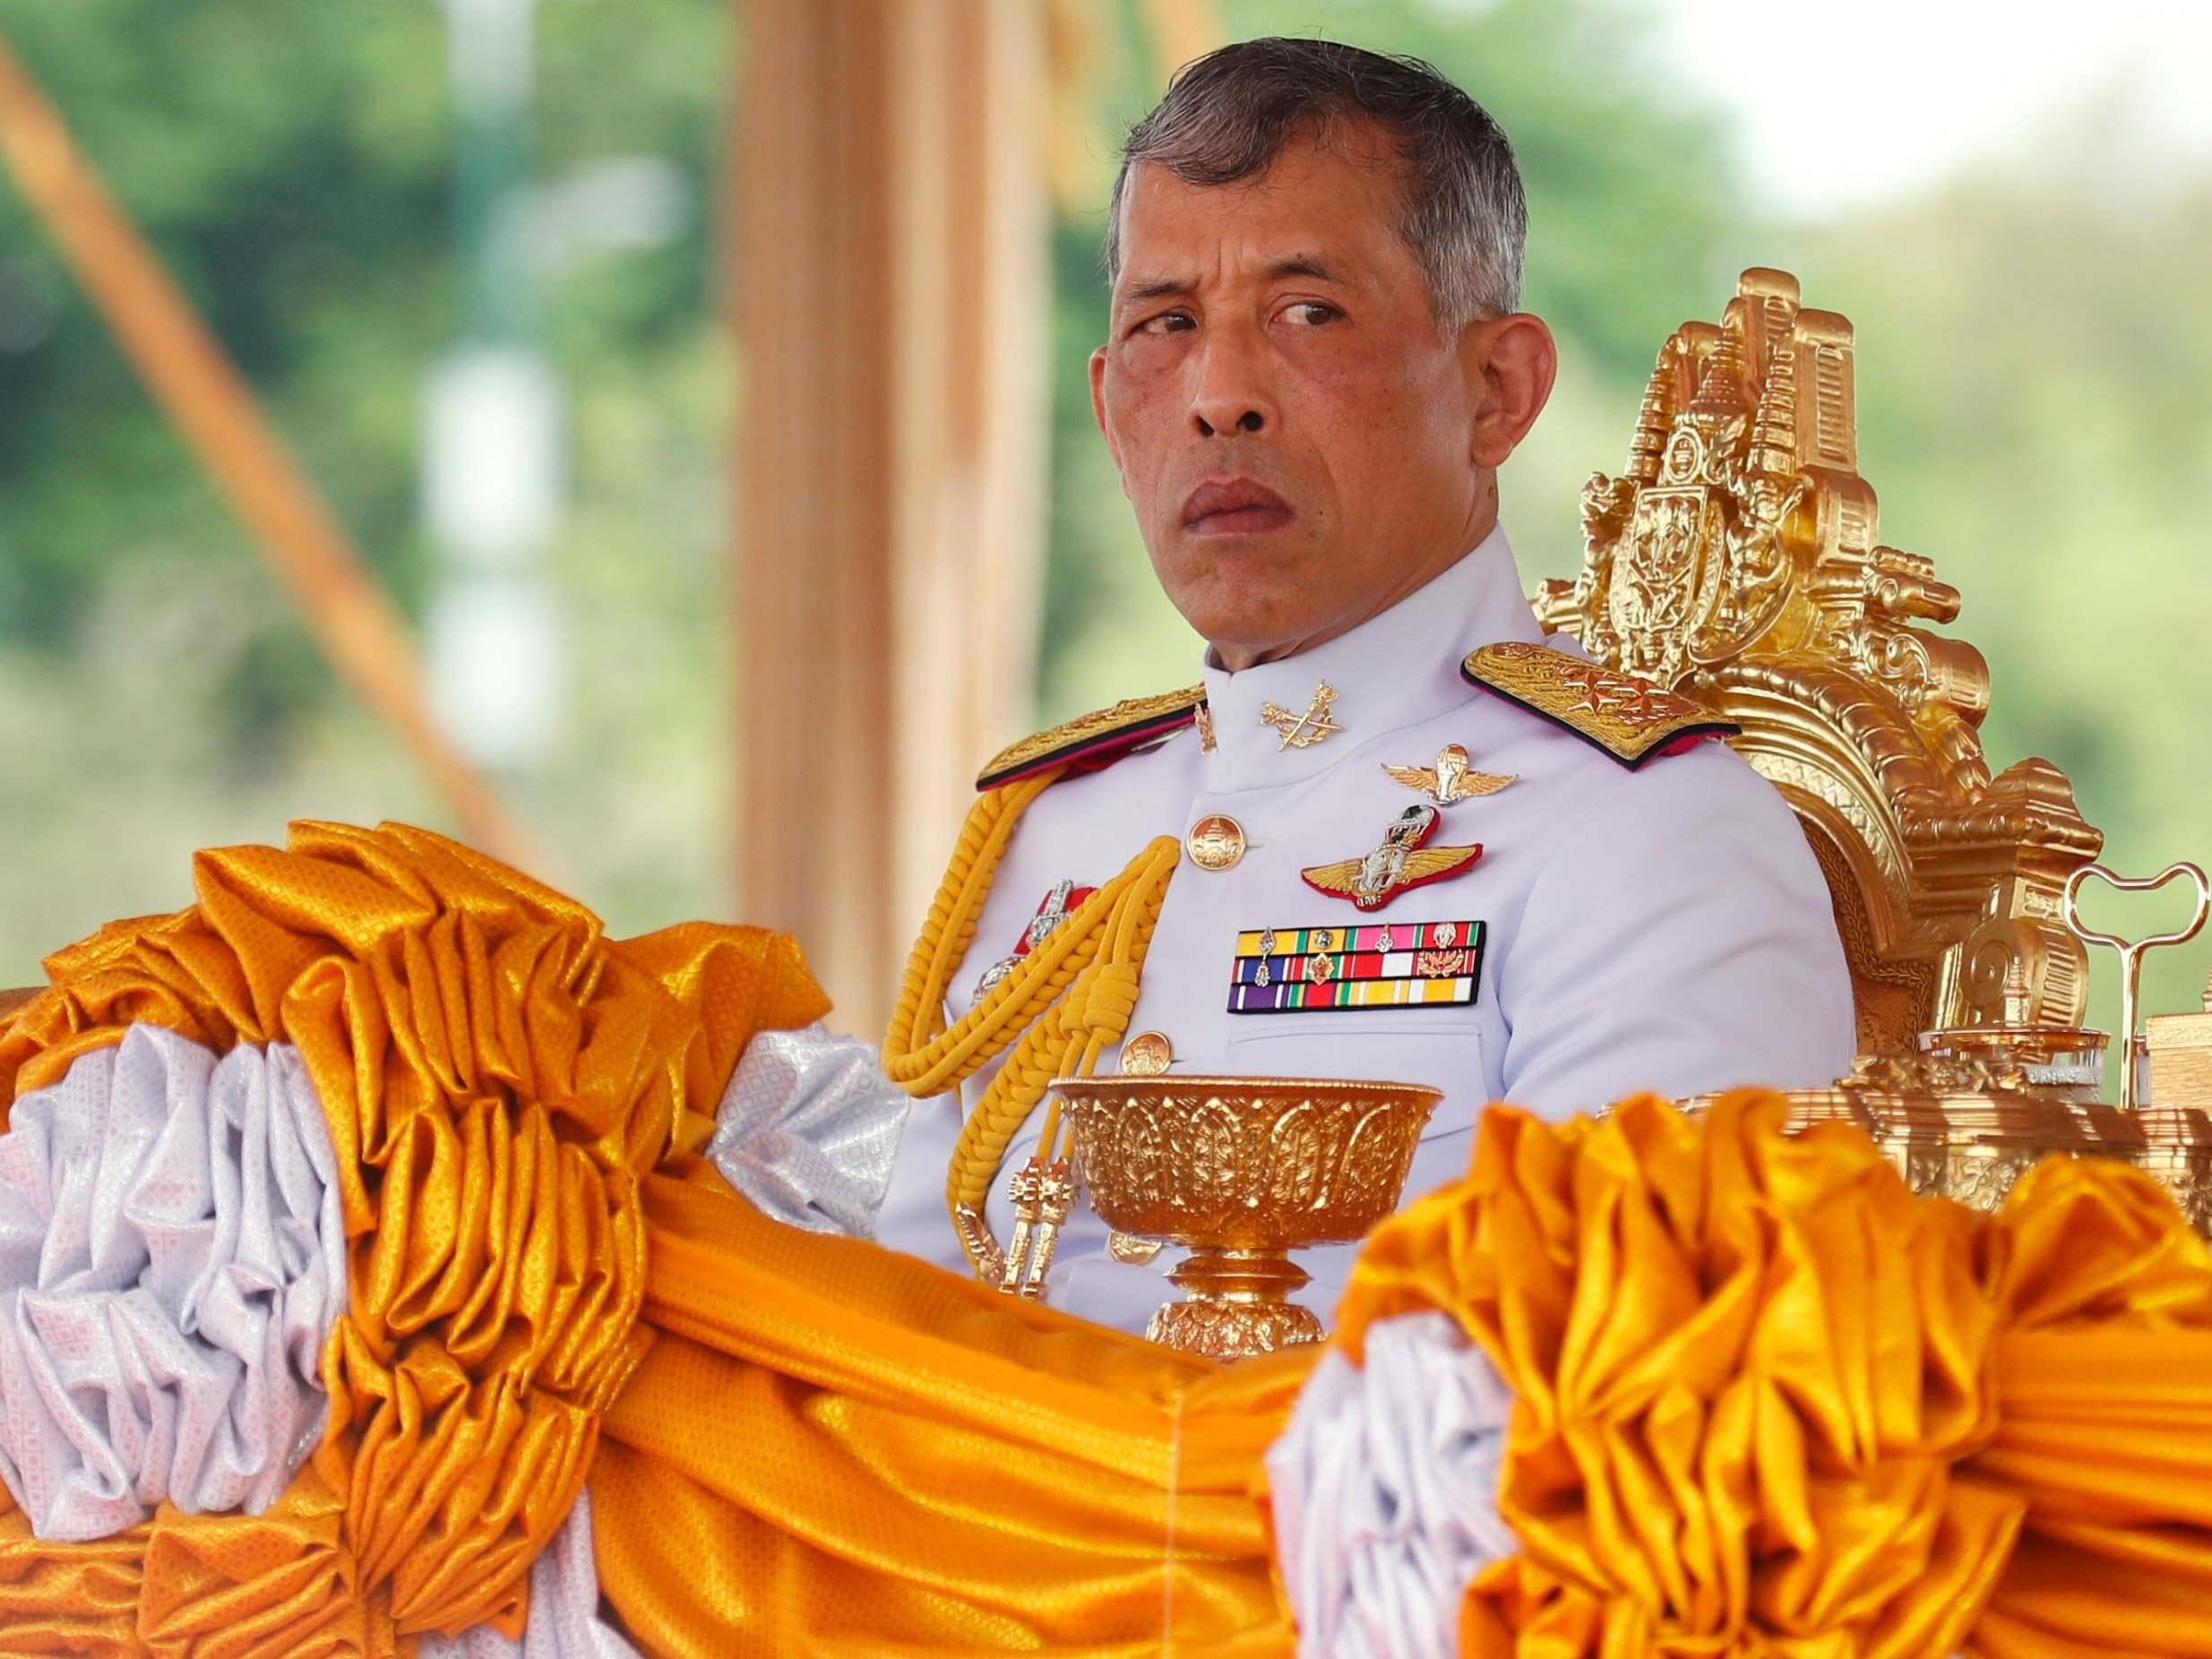 40,000-inmates-in-thailand-to-be-freed-under-royal-pardon-from-king-maha-vajiralongkorn